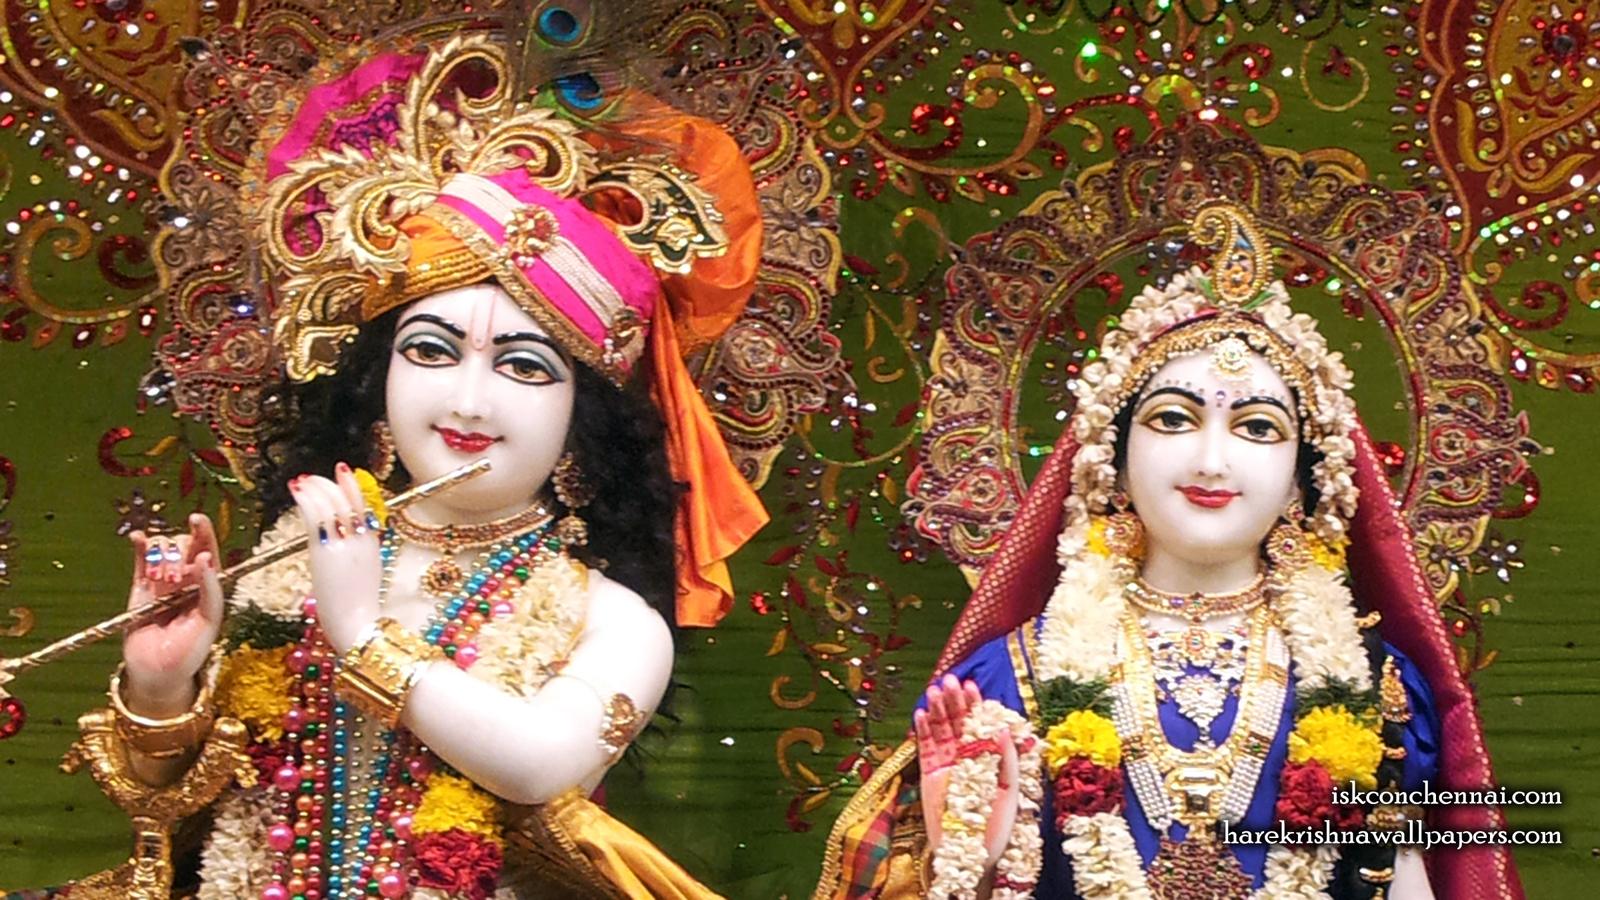 Sri Sri Radha Krishna Close up Wallpaper (006) Size 1600x900 Download